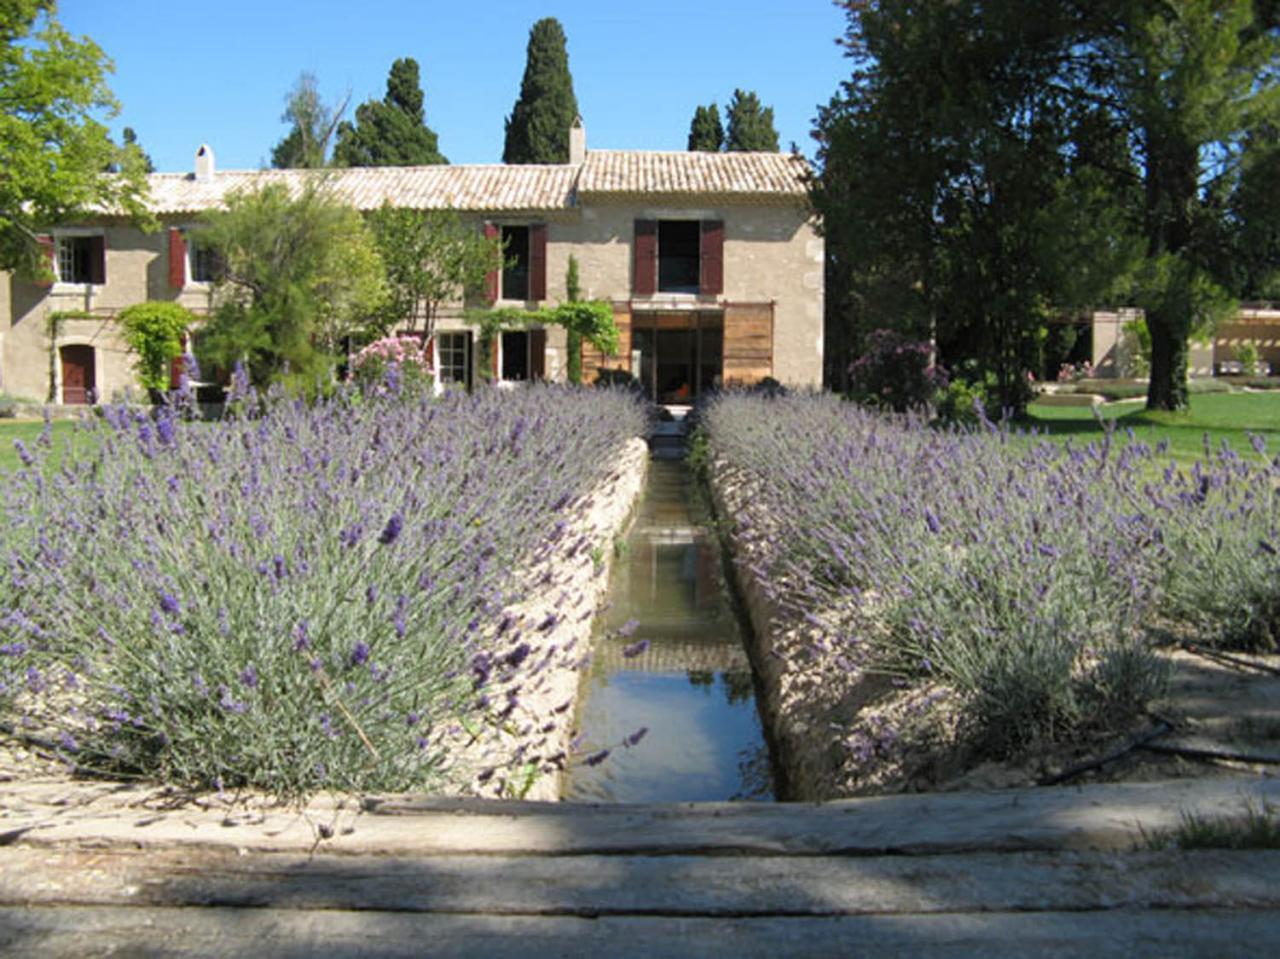 Saint r my de provence alpilles for Entretien jardin st remy de provence